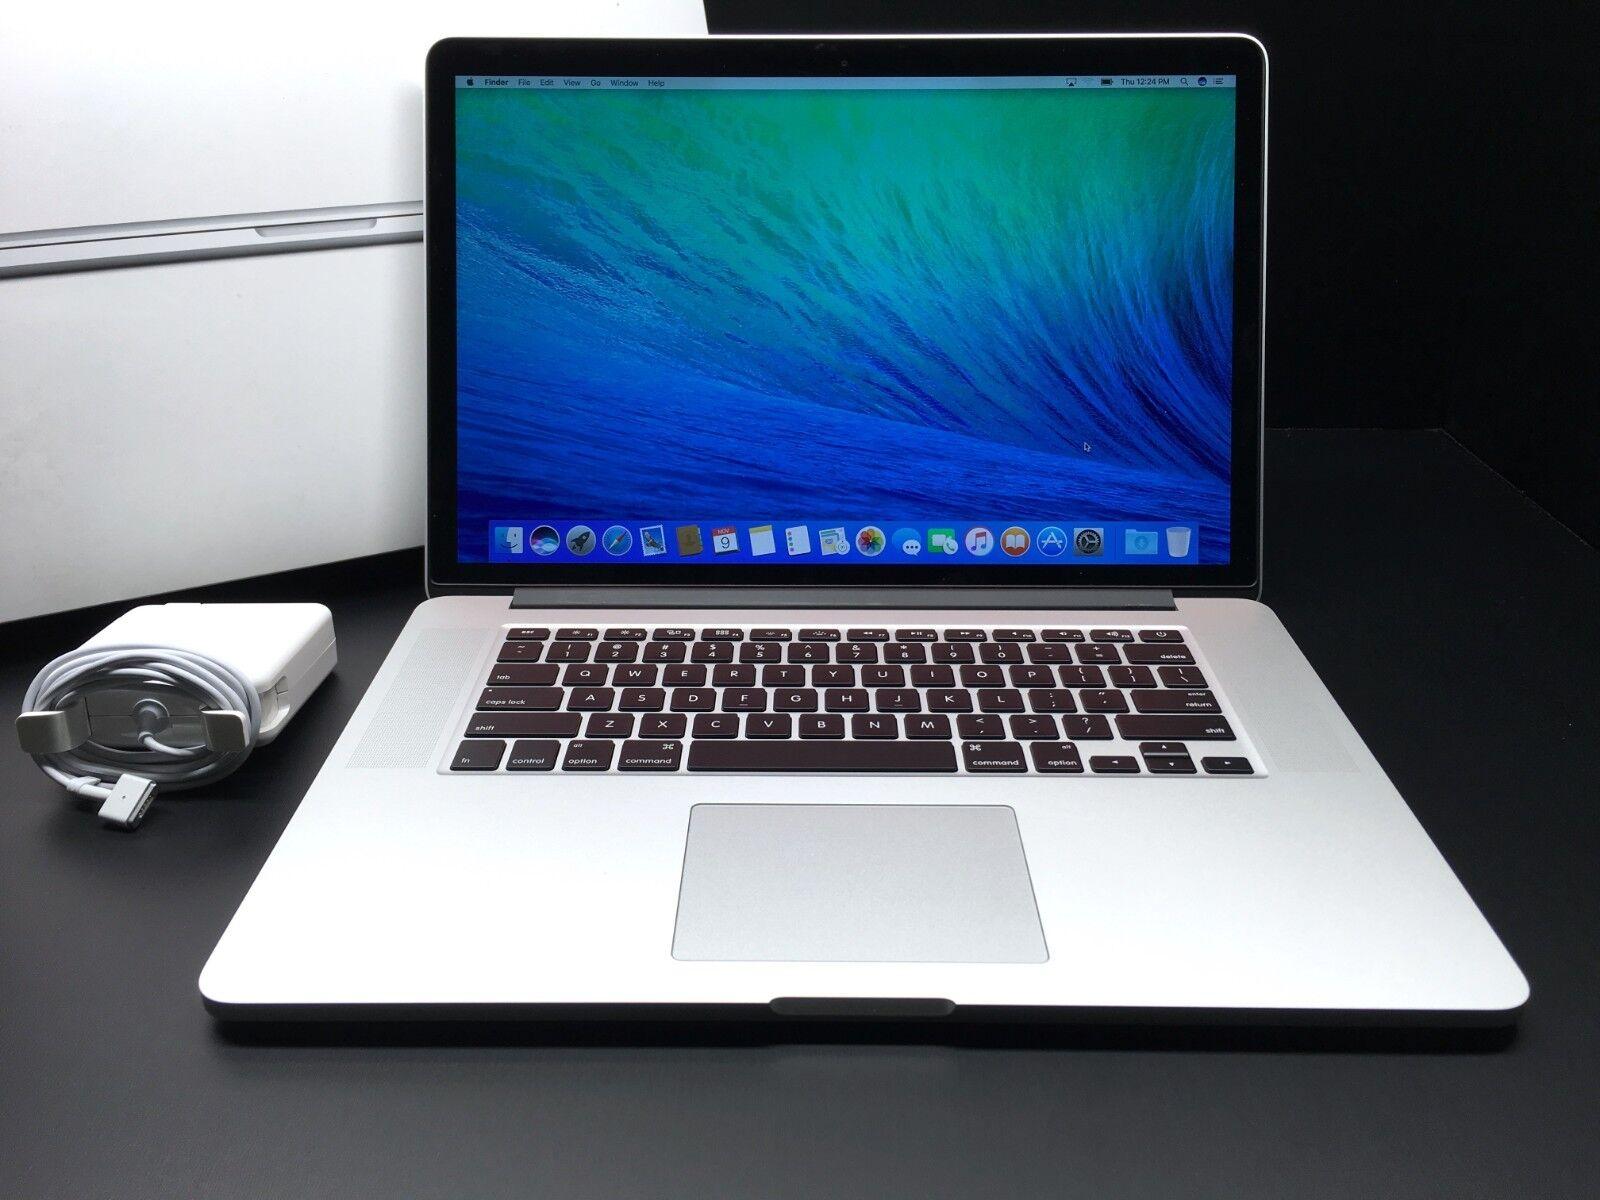 Apple Macbook Pro 15 Retina 2015-2016 / 512GB SSD / Core i7 2.8GHz / 2GB R9 GPU